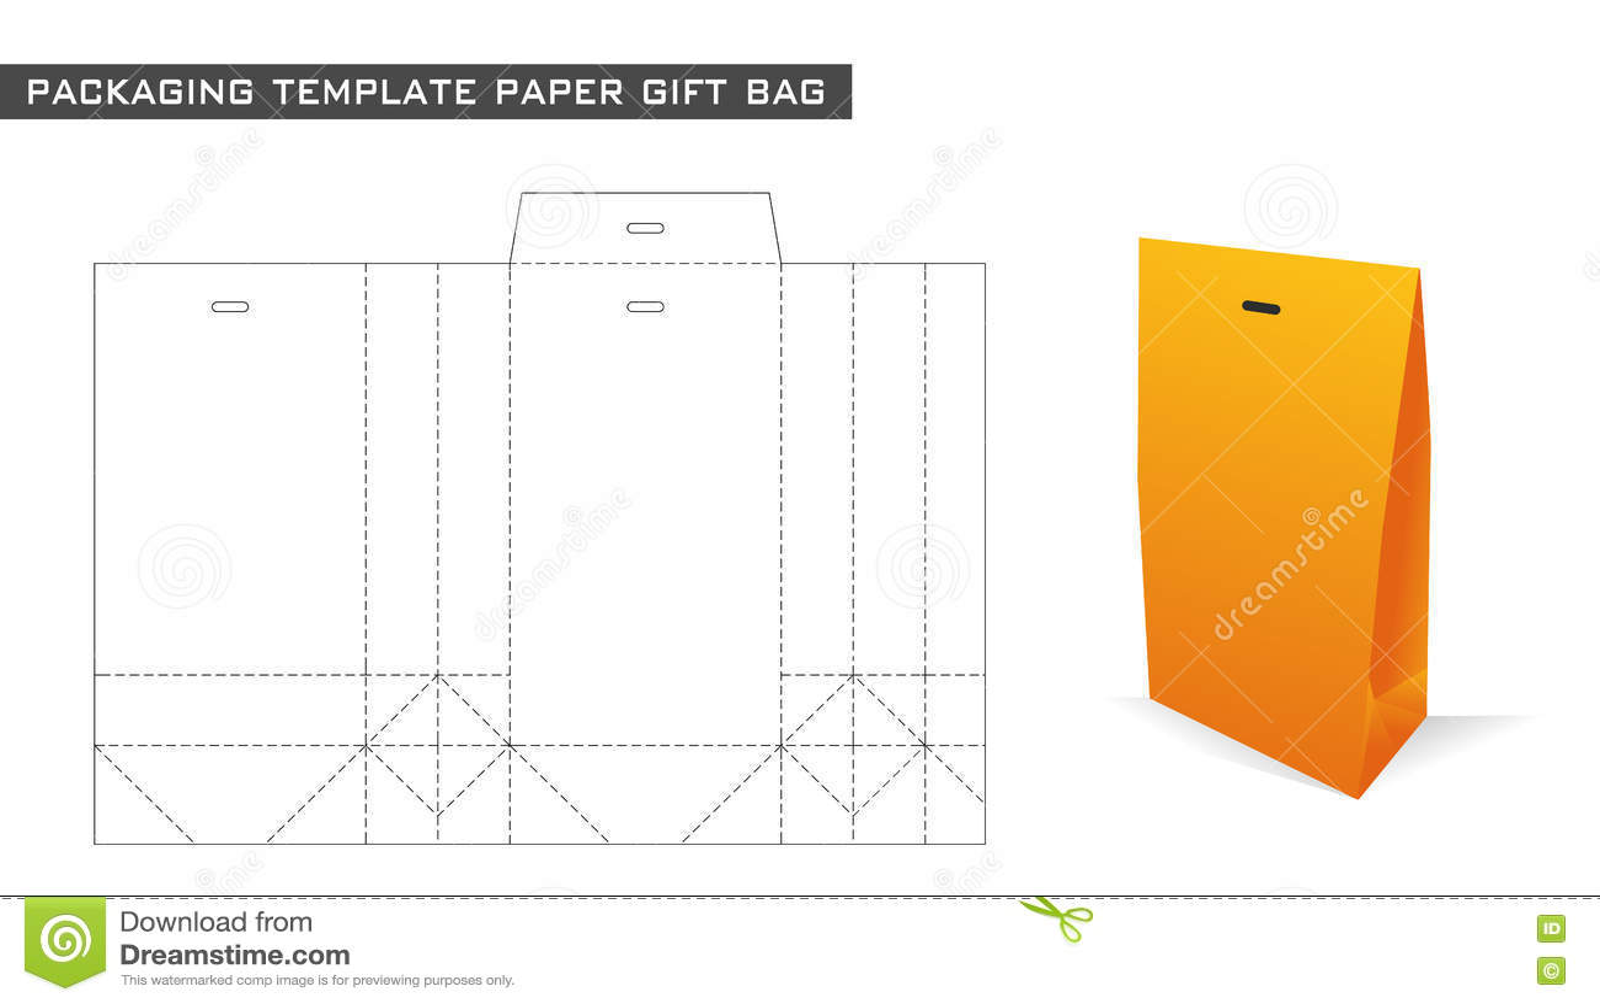 Подарочные пакеты своими руками схема